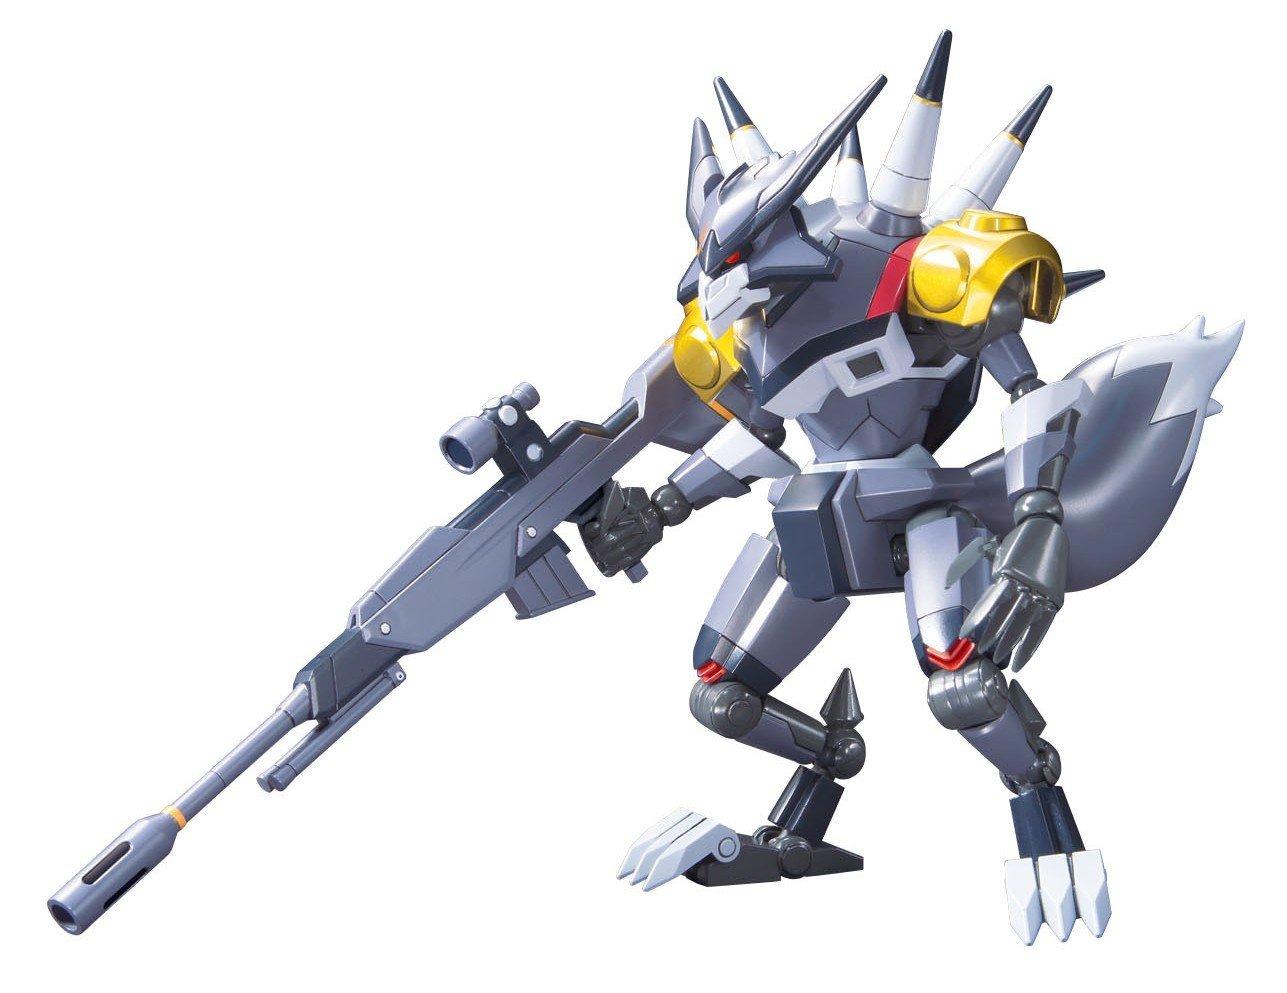 Раскраска роботов lbx